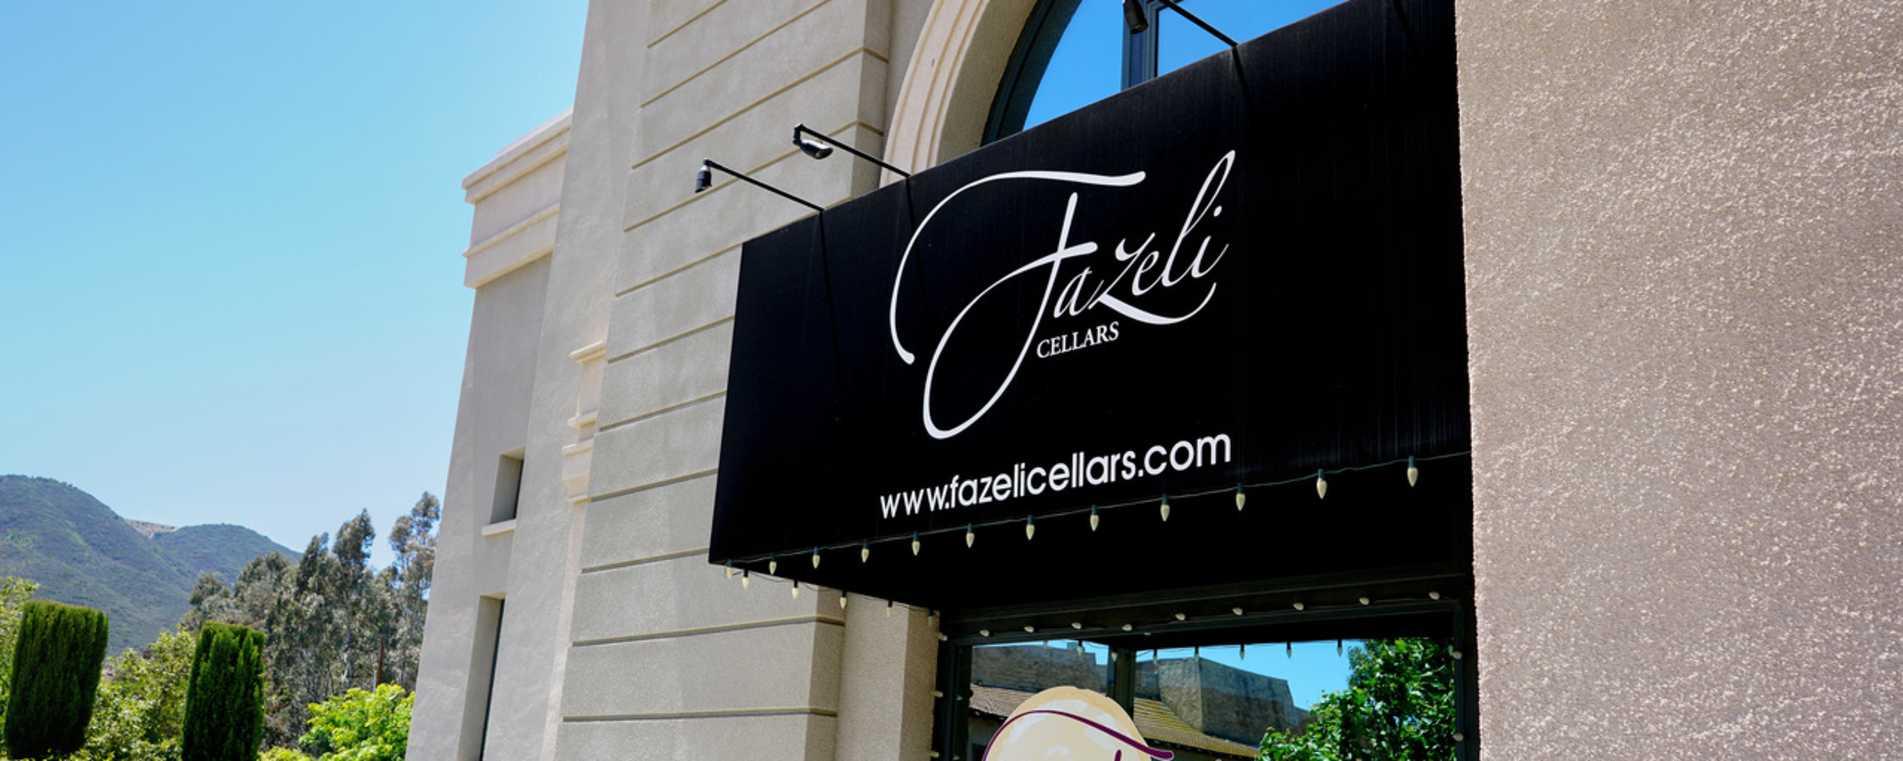 Fazeli Cellars Old Town Temecula Tasting Room